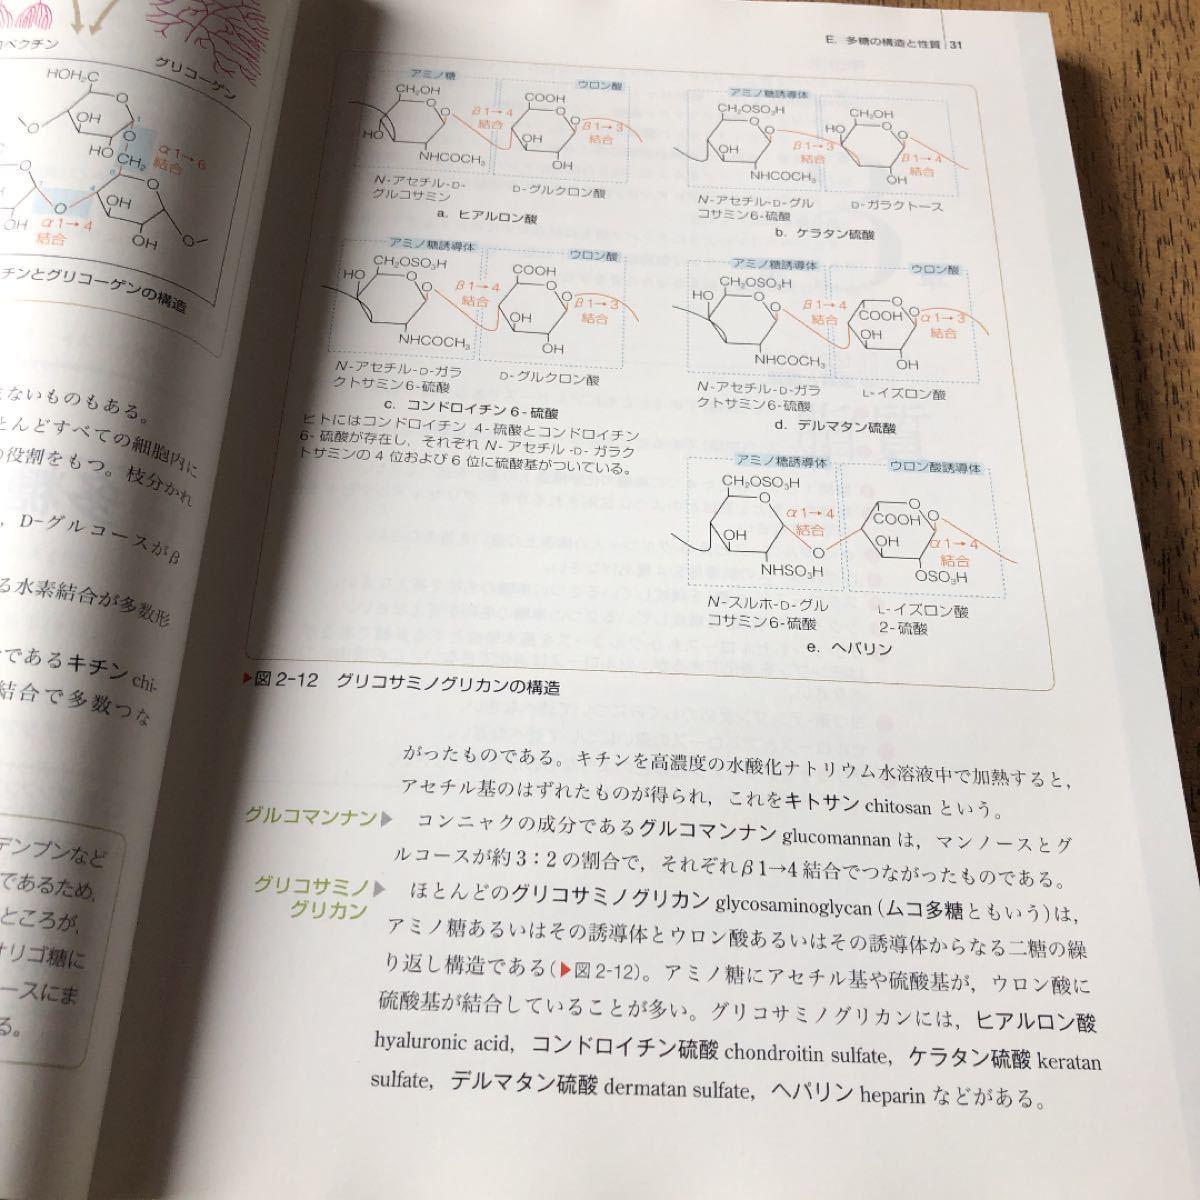 本/系統看護学講座 専門基礎分野 〔2〕 人体の構造と機能 2 生化学